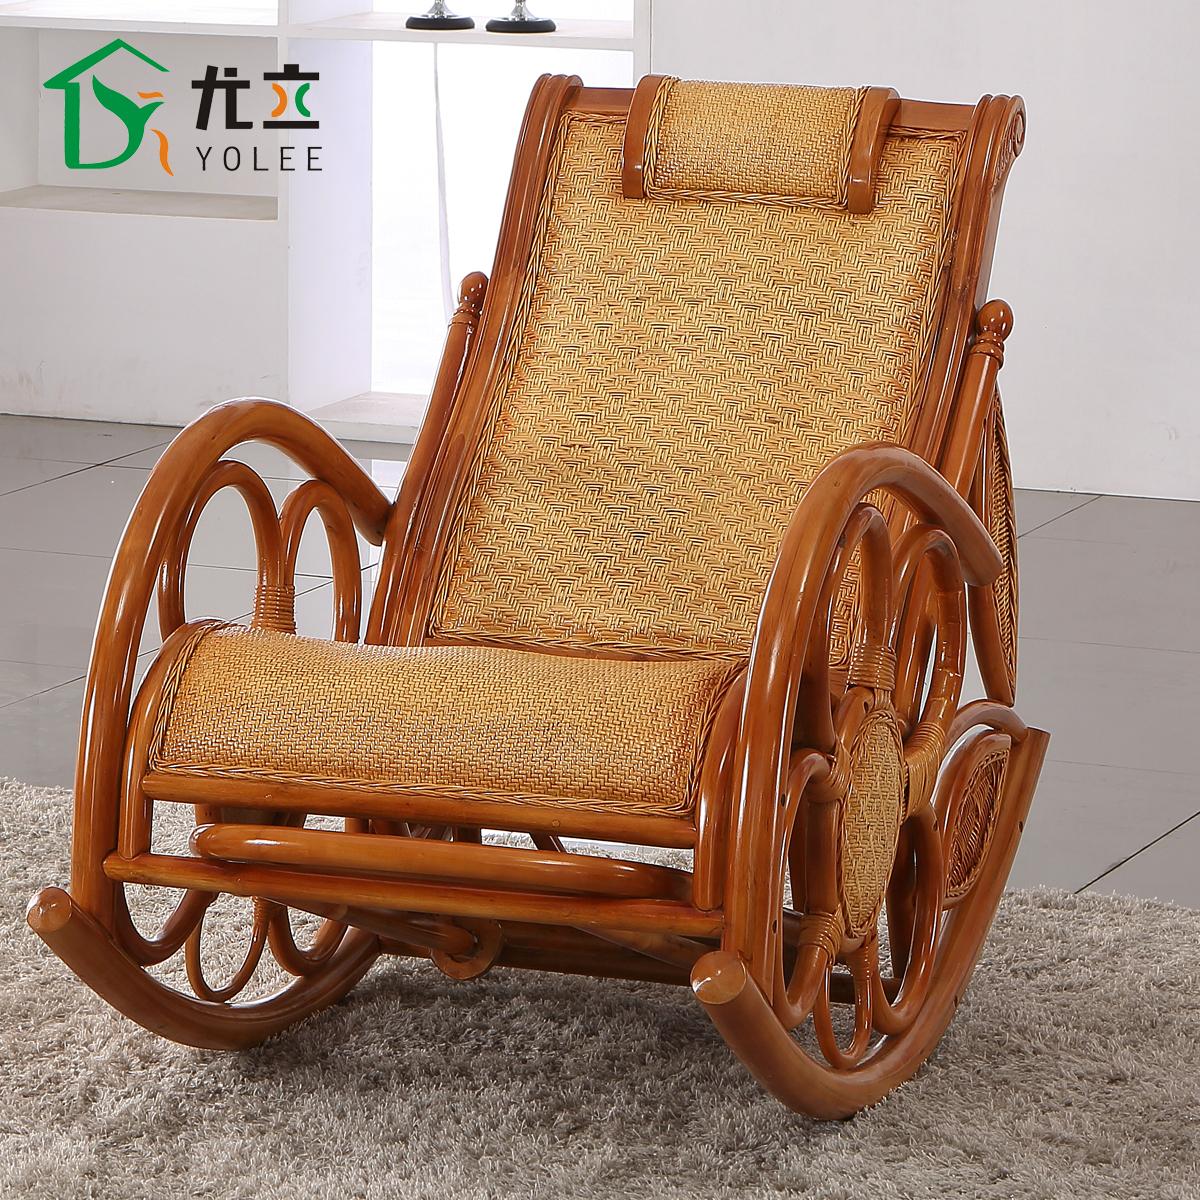 尤立藤摇椅躺椅逍遥椅 躺椅 藤椅老人椅休闲椅 摇摇椅 高级藤木椅